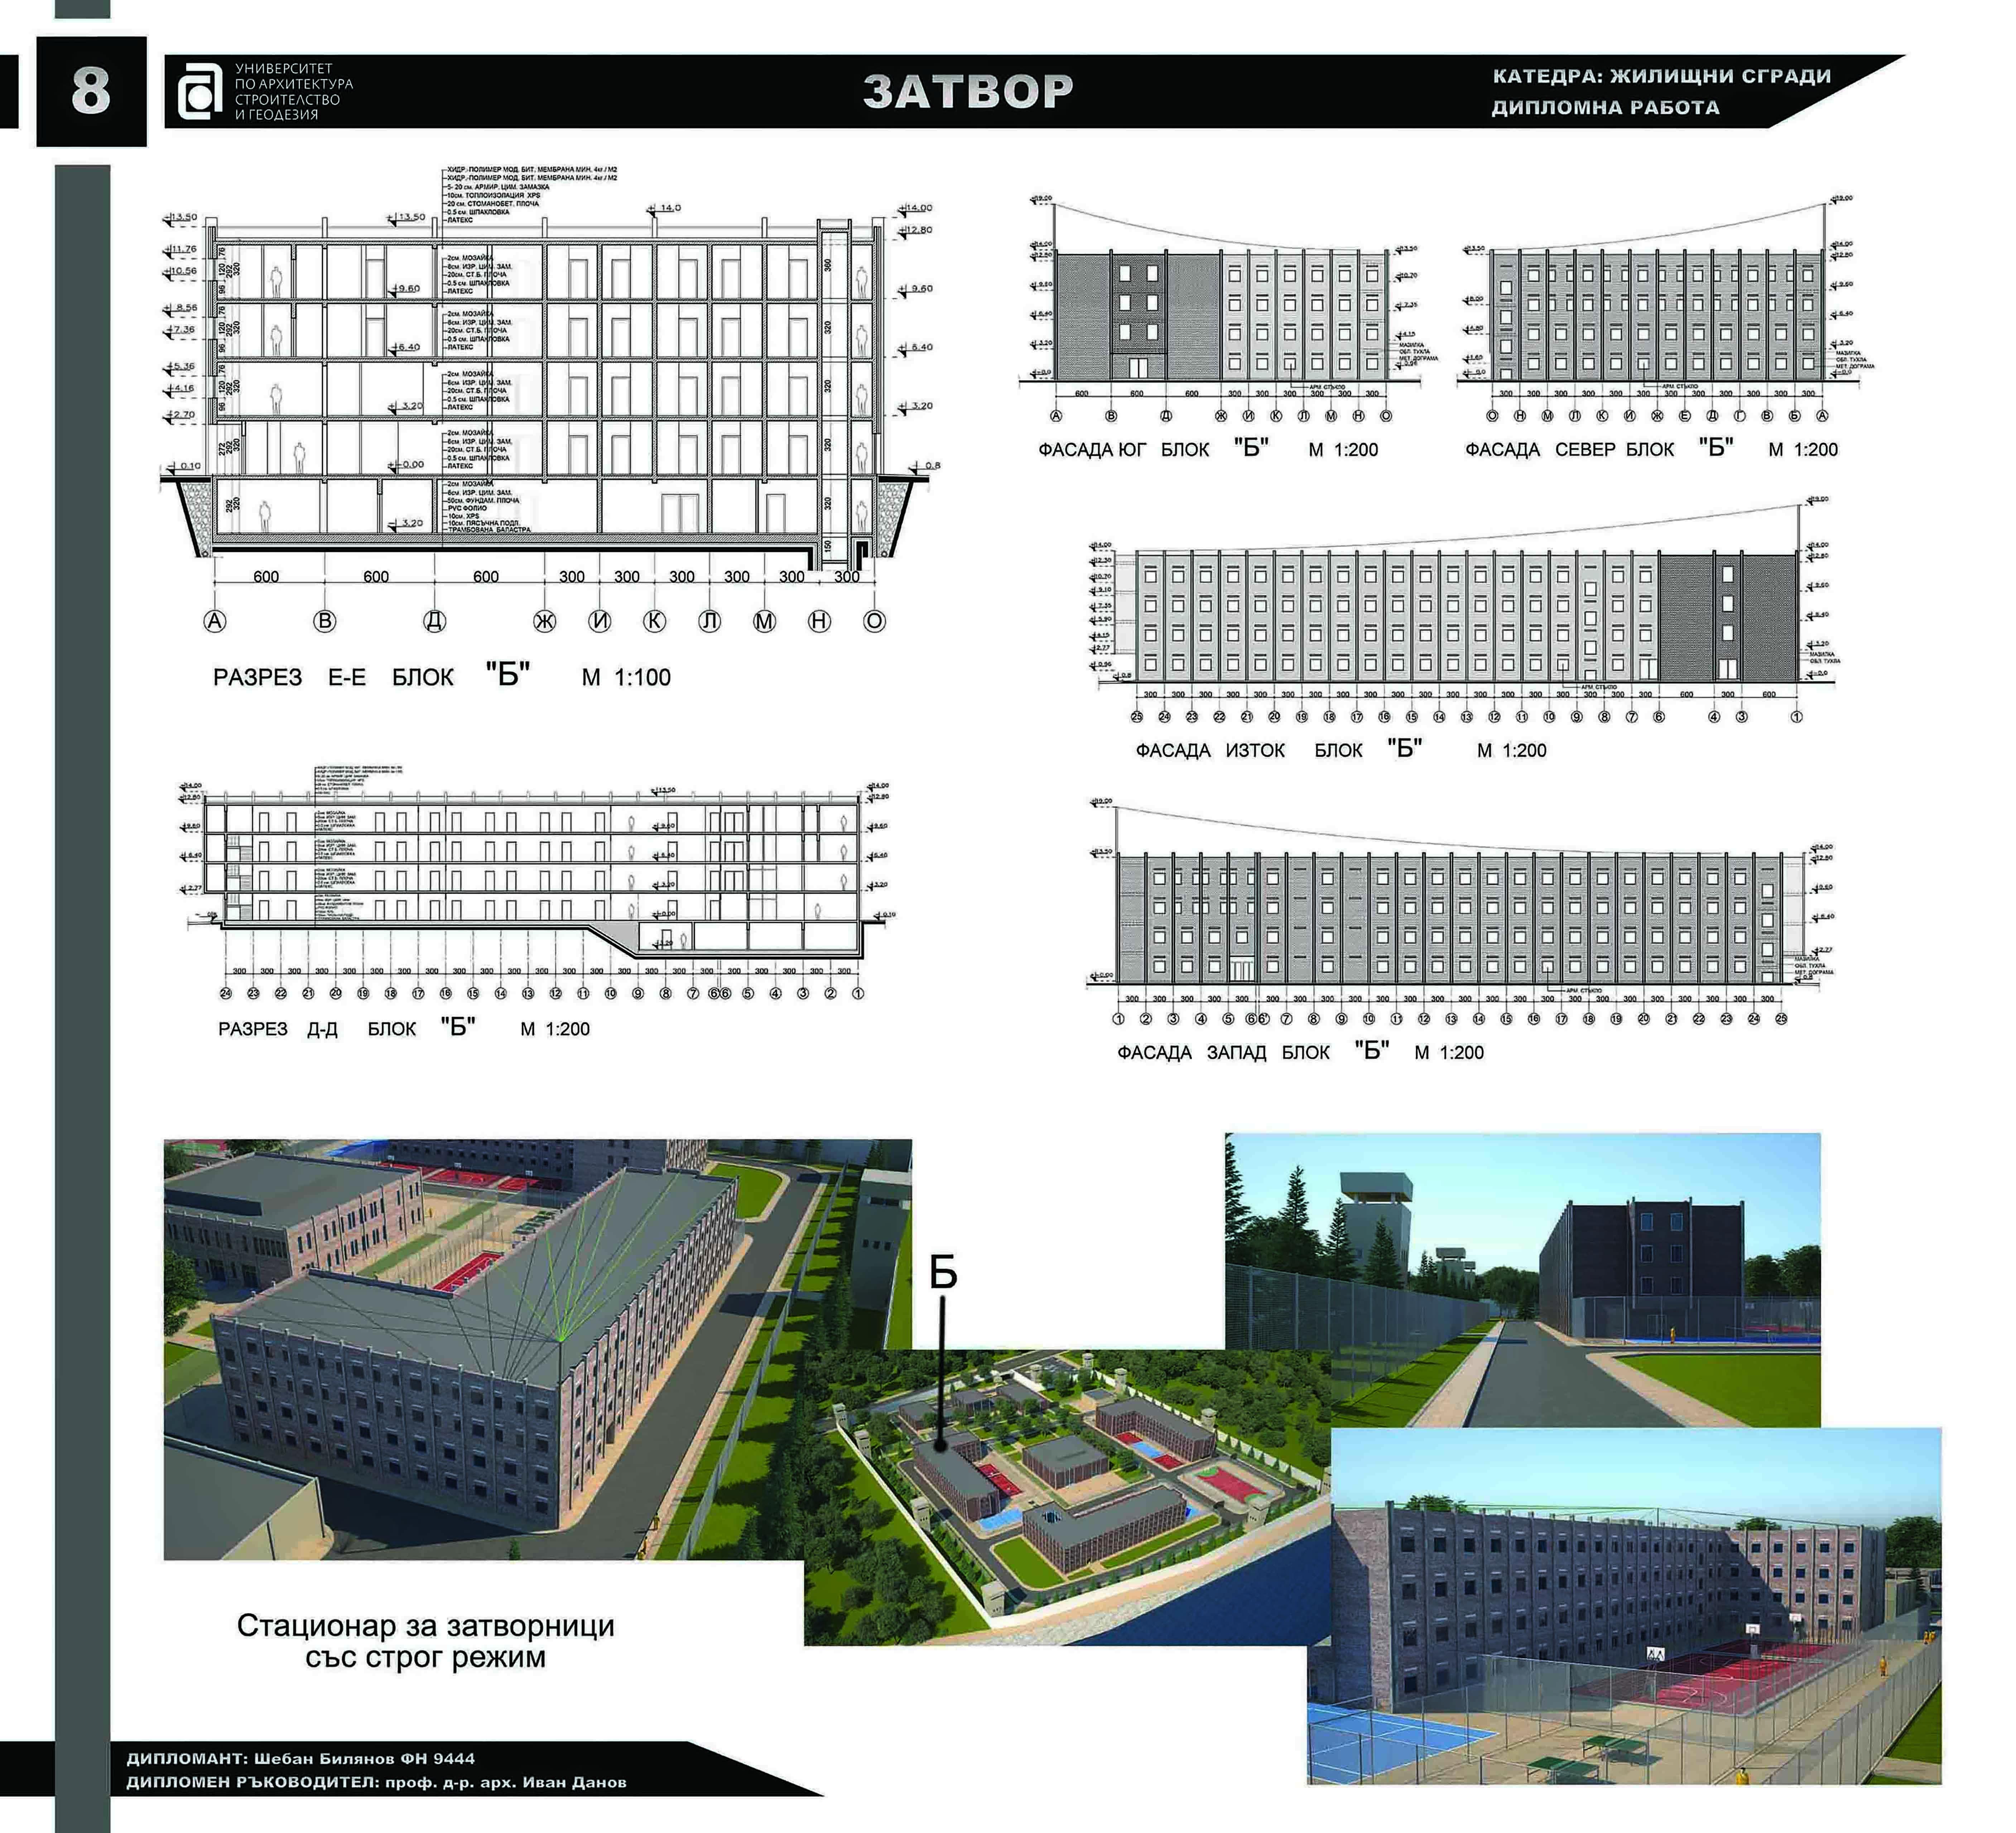 TABLO 8-8